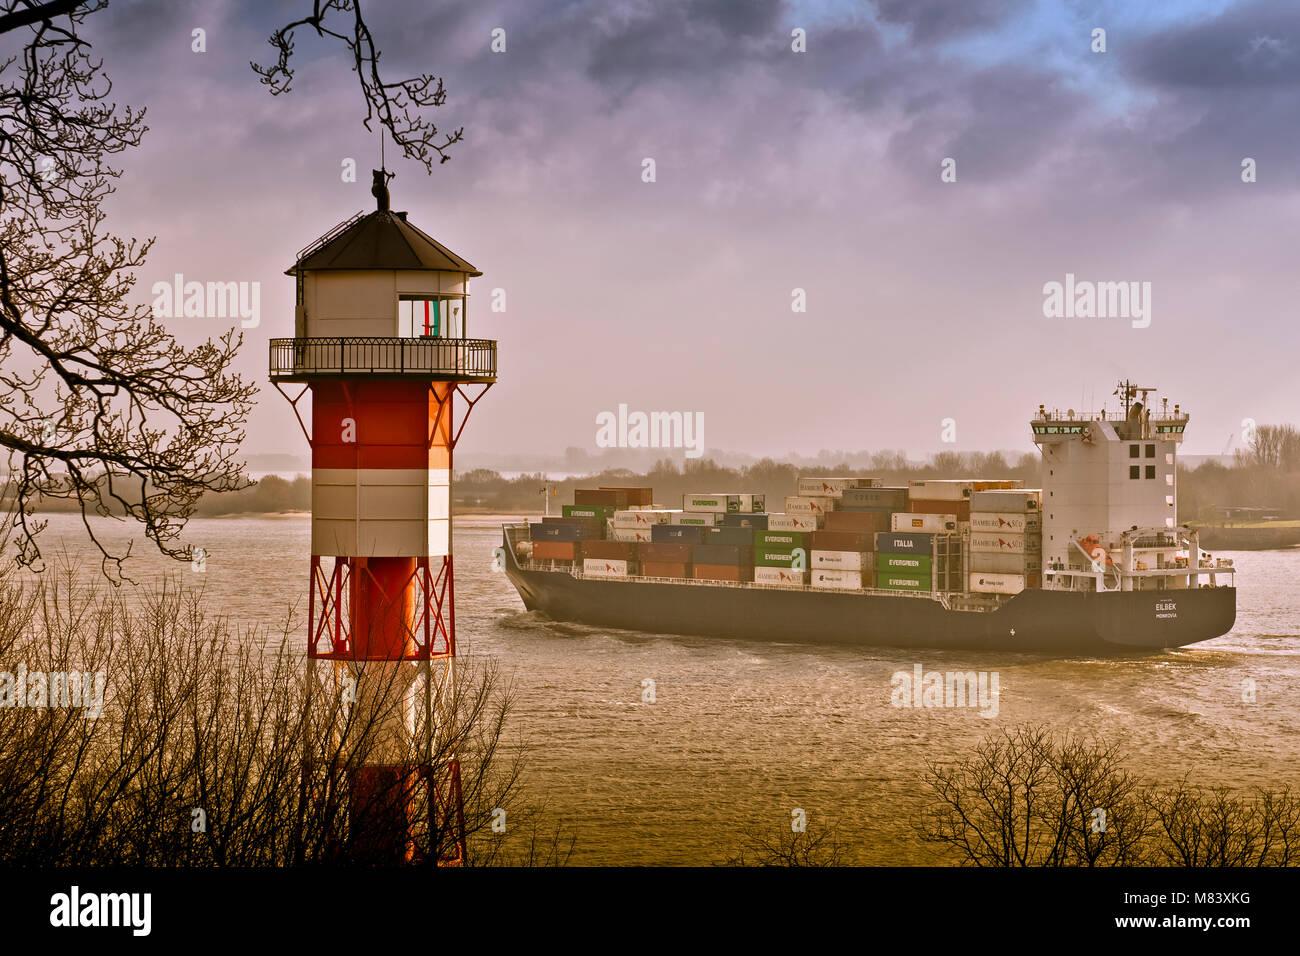 deutschland hamburg rissen elbe leuchttturm containerschiff stock photo 177107716 alamy. Black Bedroom Furniture Sets. Home Design Ideas